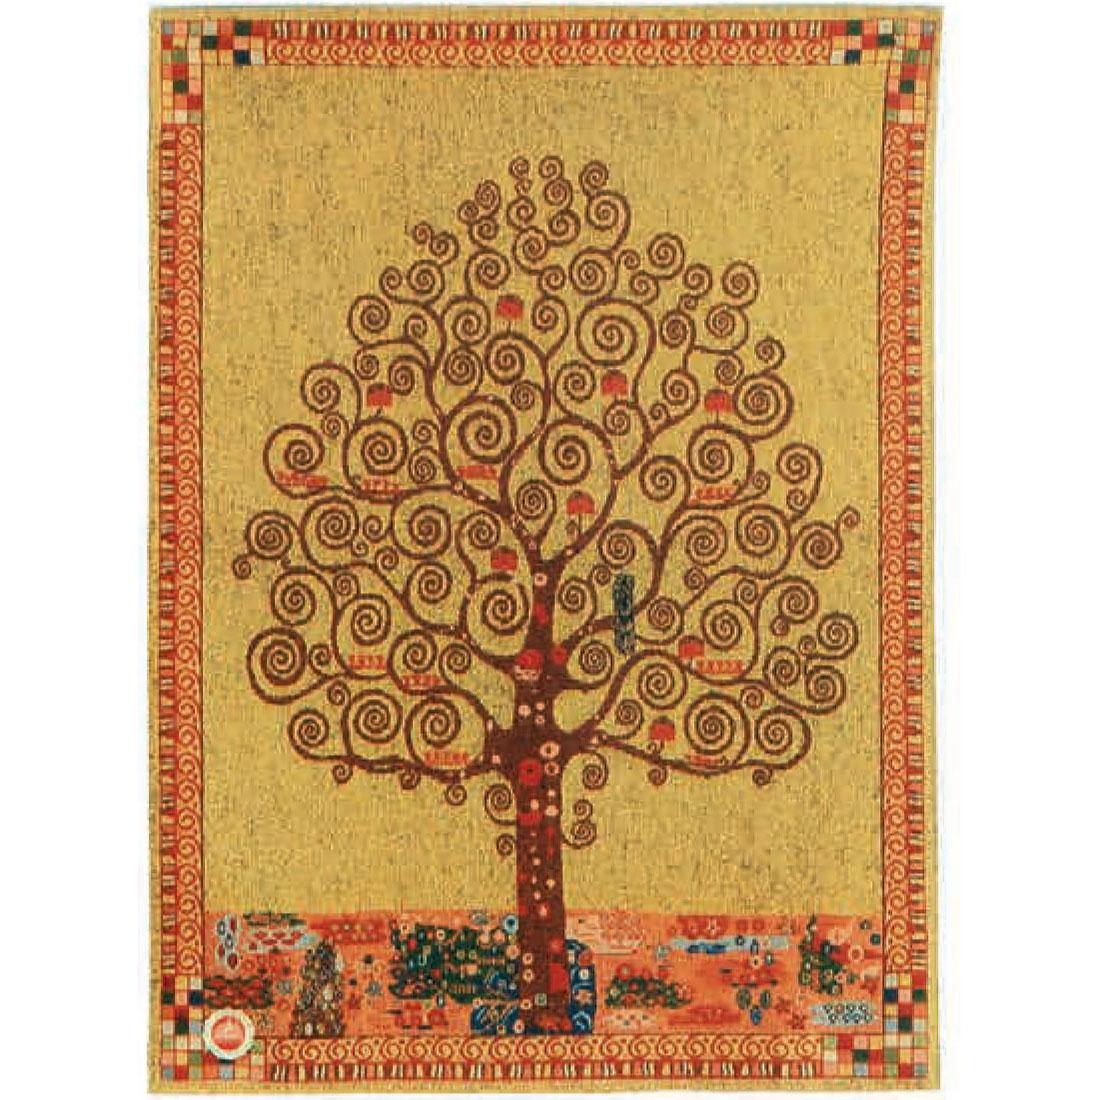 Luka, T1649 Lebensbaum Gustav Klimt <br> Гобелен Дерево жизни Густав Климт <br> размеры 085х110, 125х175, 175х235